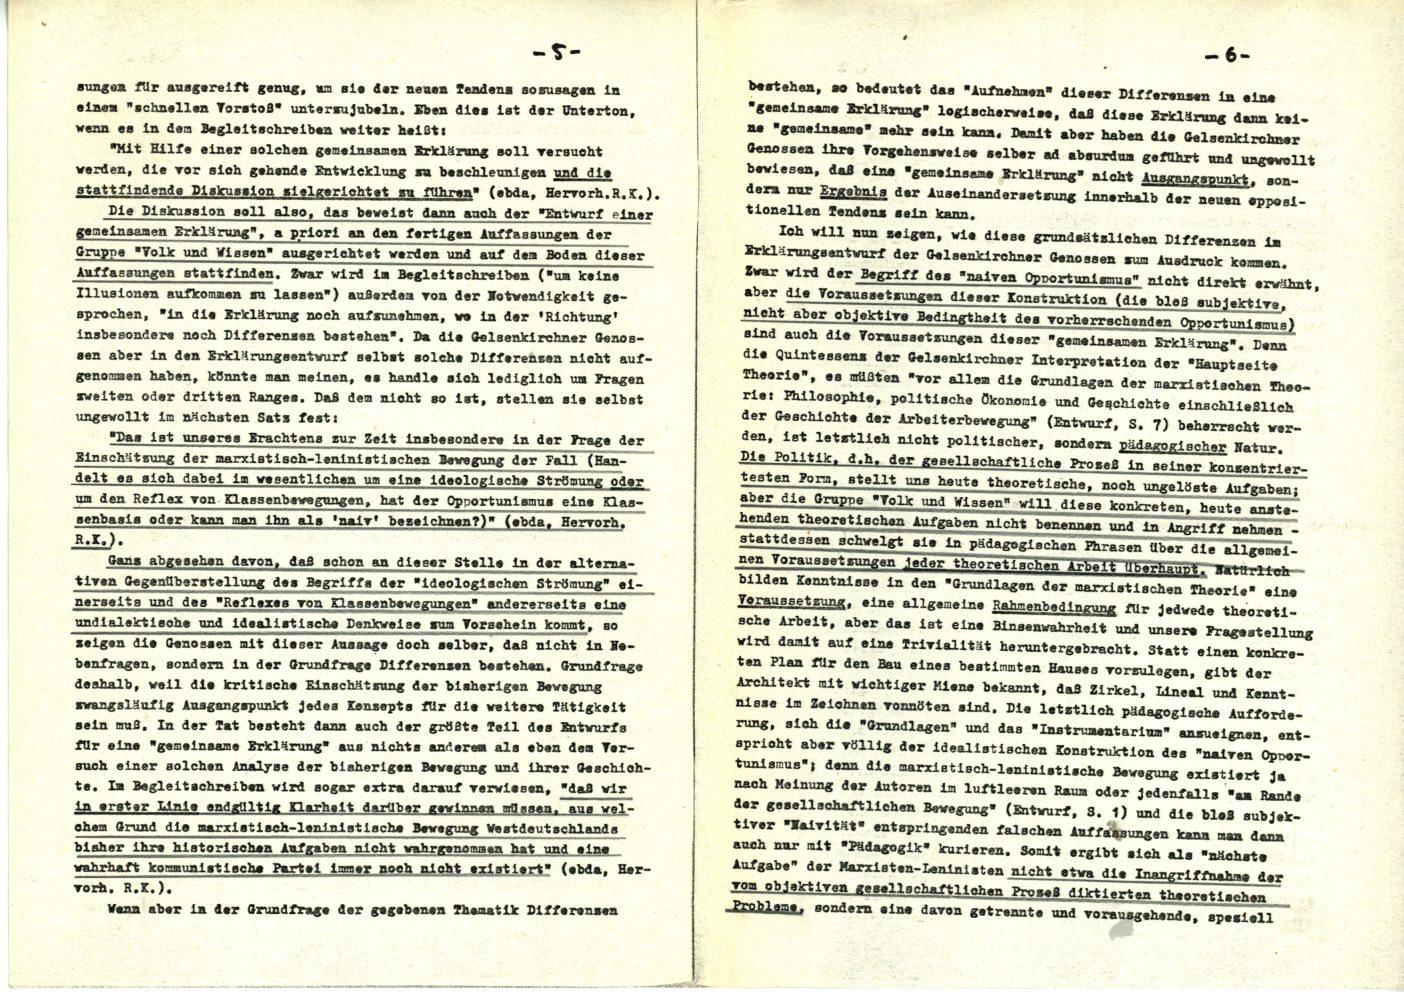 Nuernberg_Fuerth_Erlangen_ML_Diskussionsbeitraege_1978_01_04